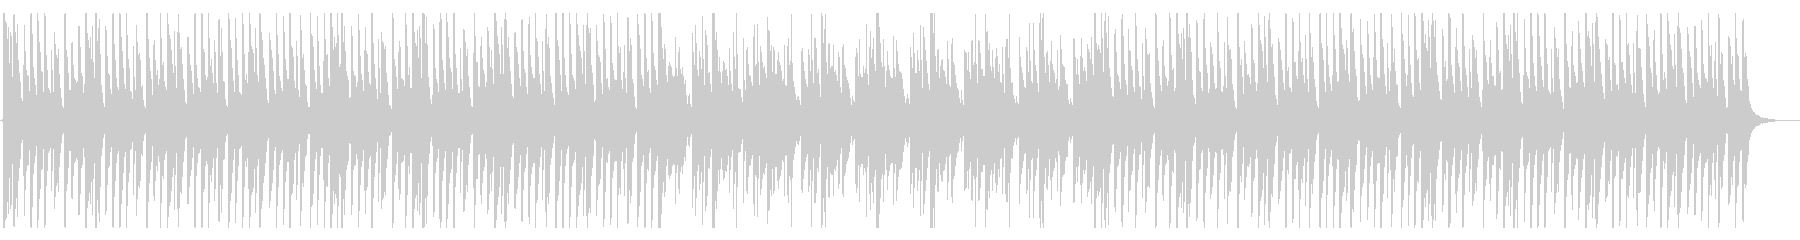 何かを探しているときに流れるBGMの未再生の波形